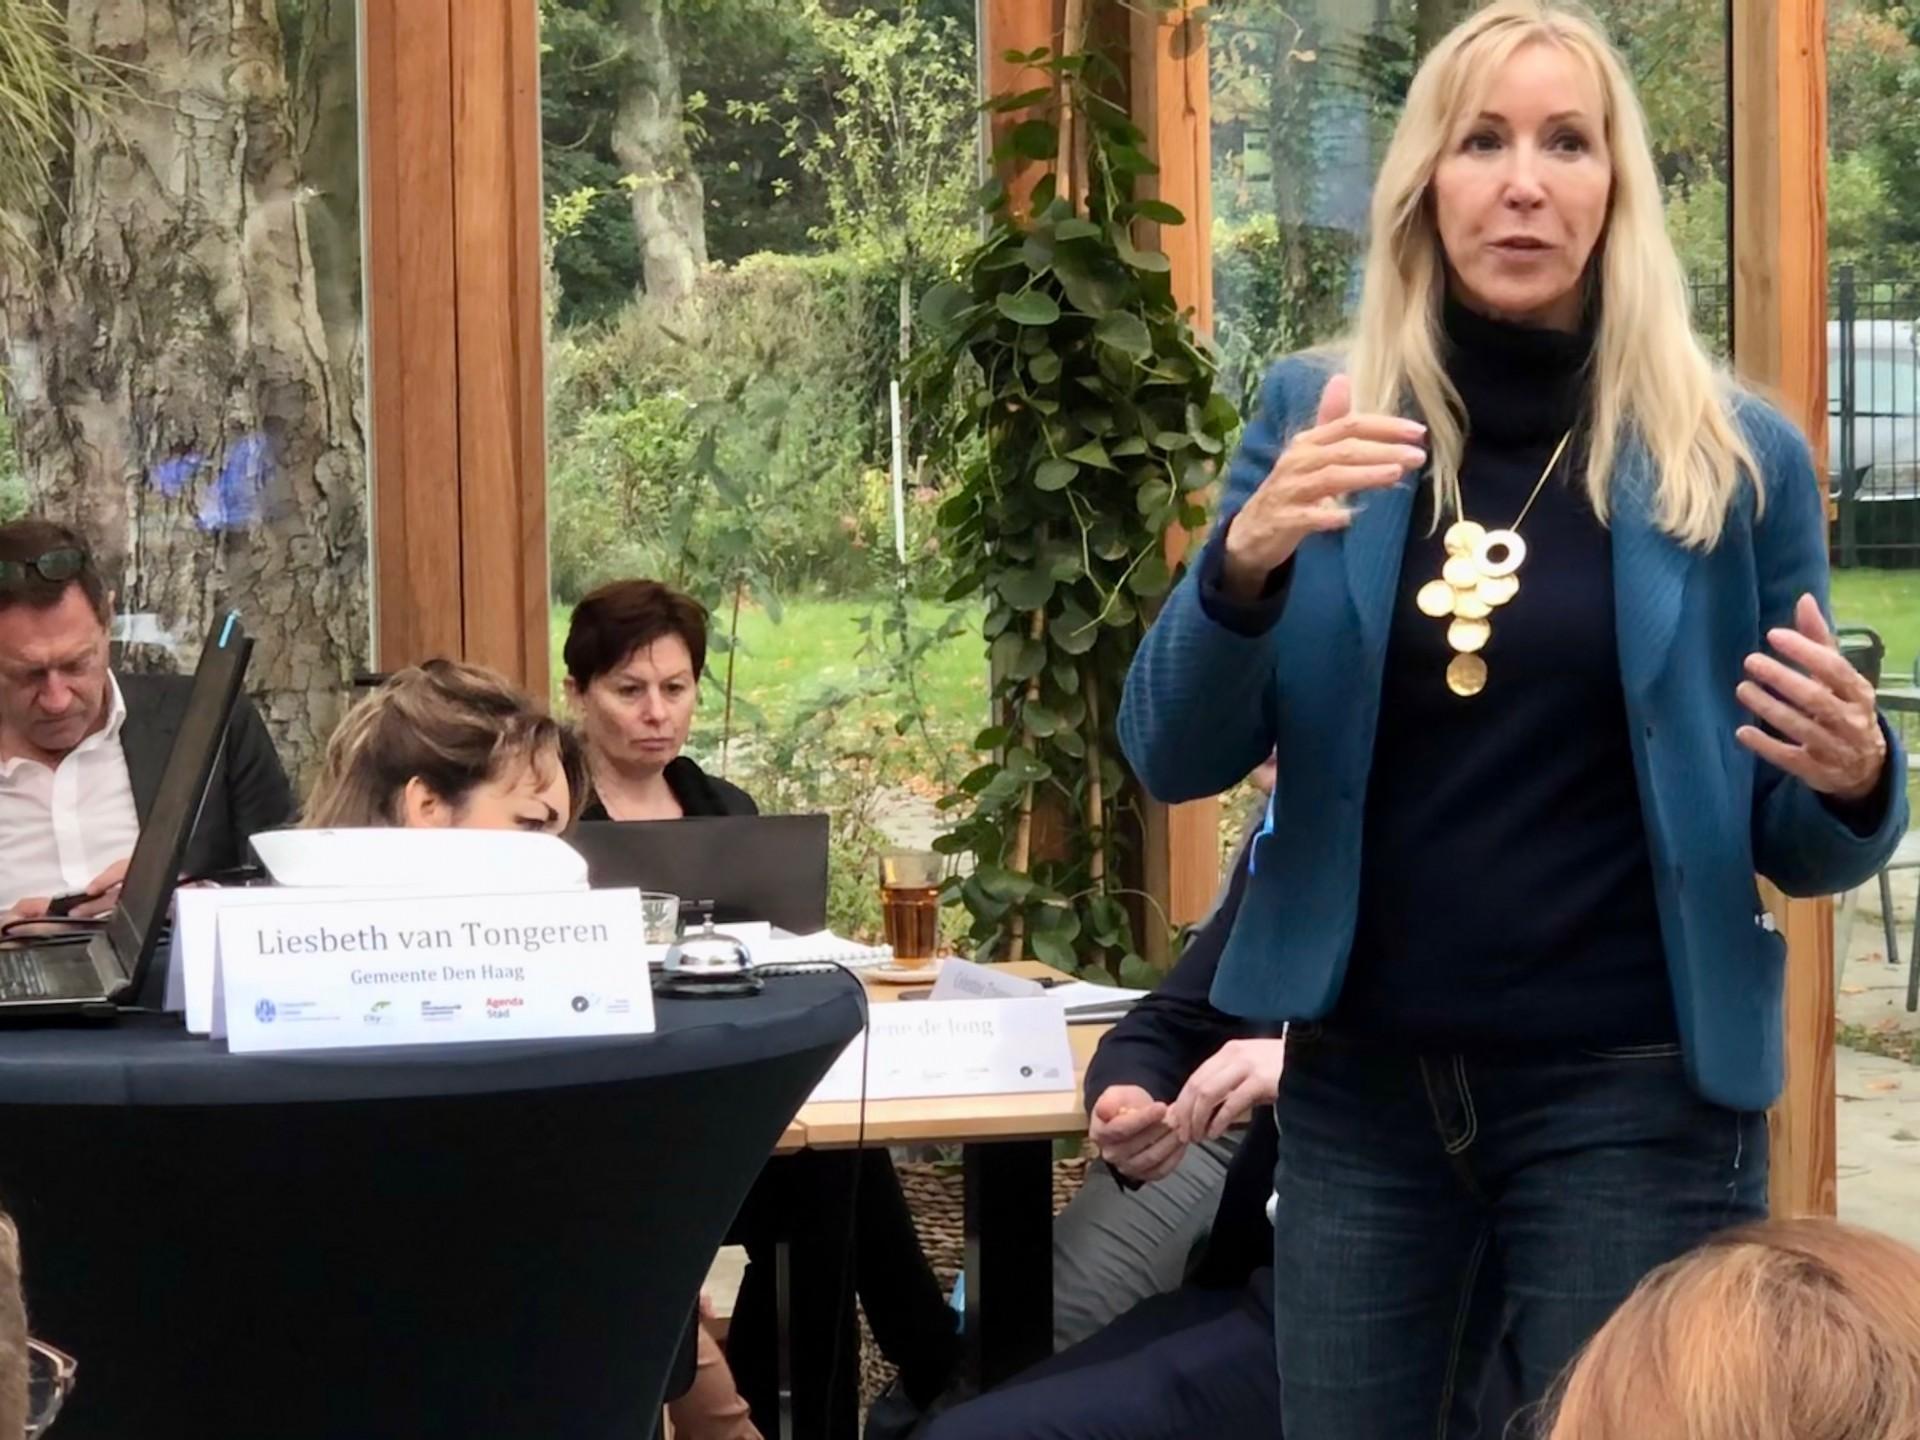 De Haagse wethouder Liesbeth van Tongeren opent de PLC gezonde leefomgeving in Den Haag op 16 oktober 2019